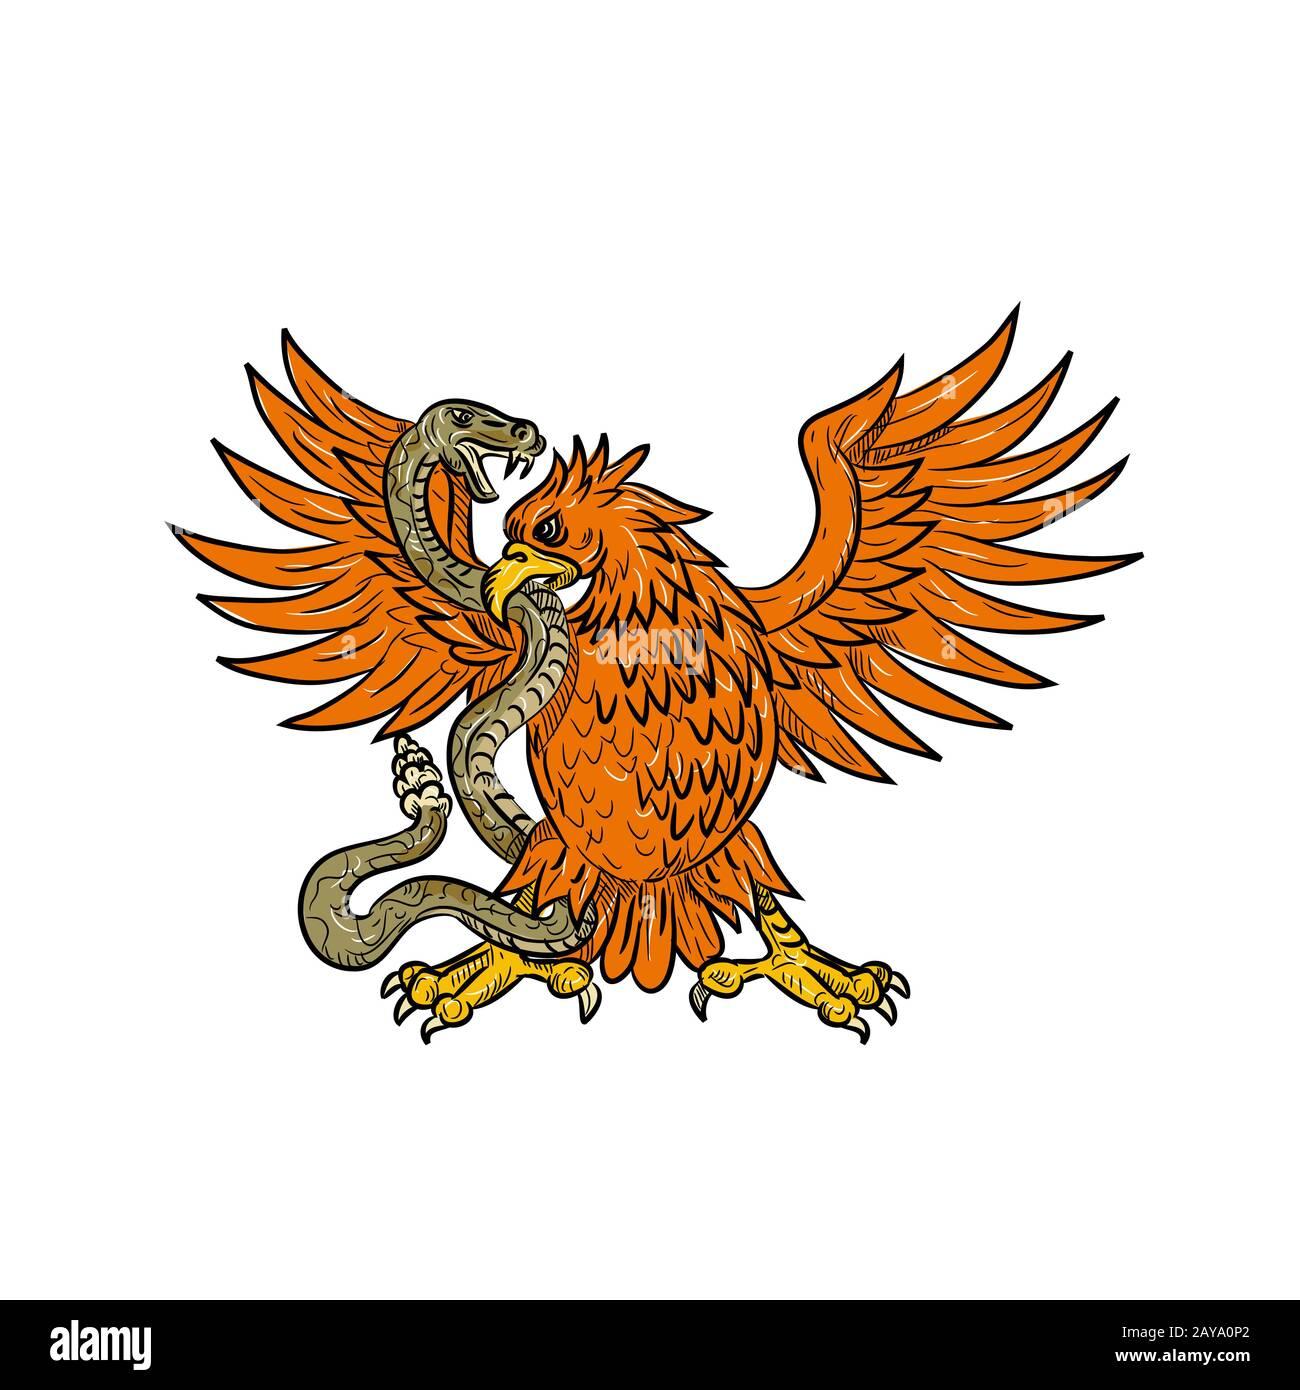 Dessin de Rattlesnake à motif aigle doré Banque D'Images